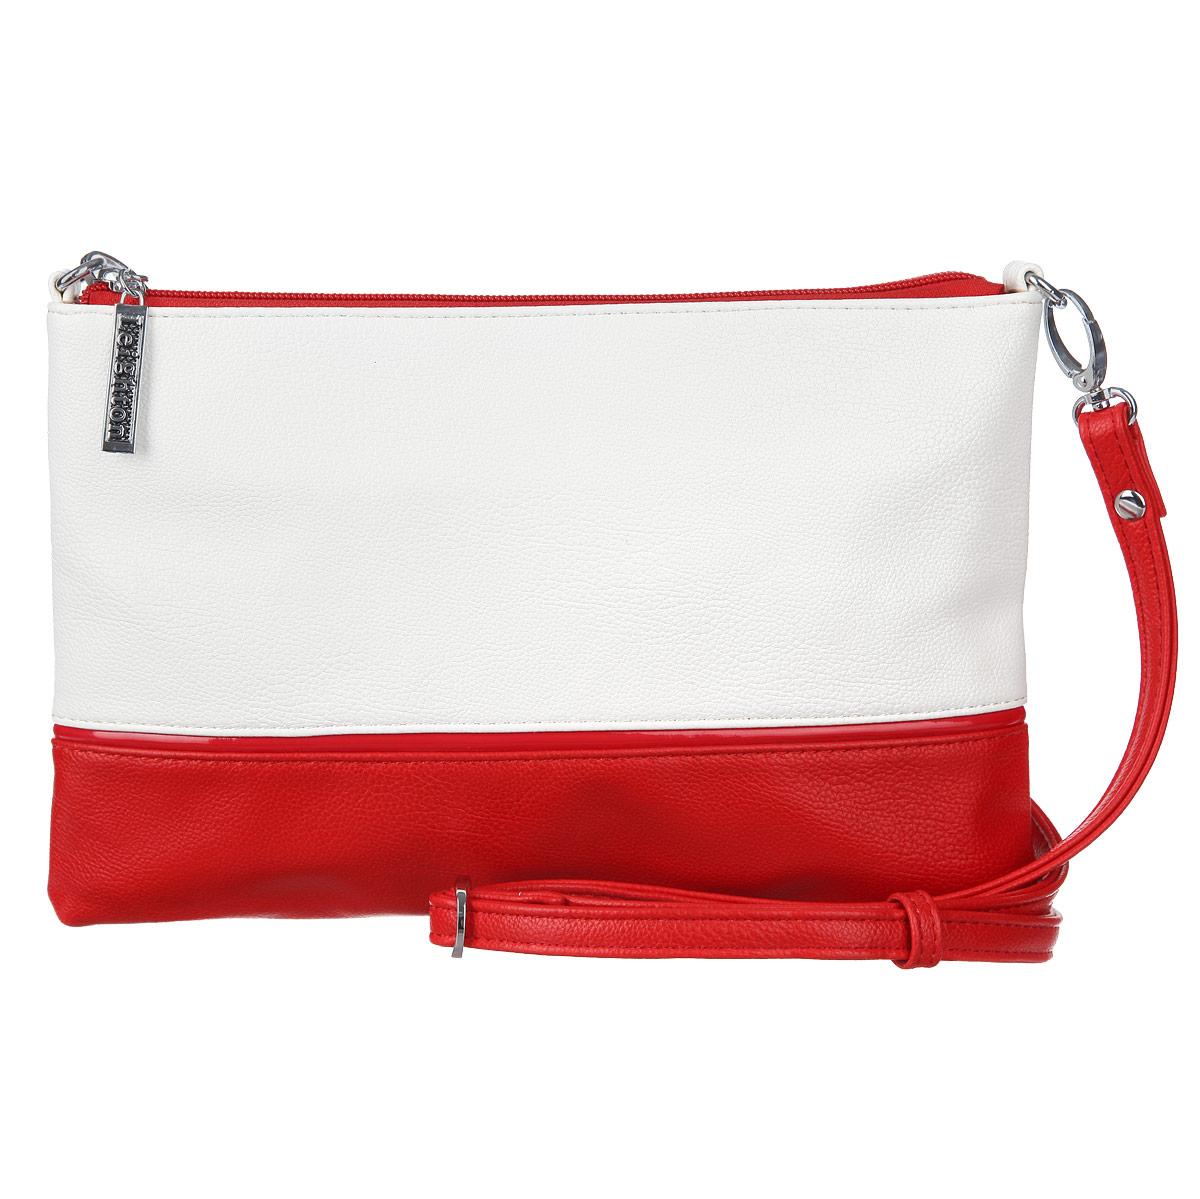 Сумка-клатч женская Leighton, цвет: белый, красный. 1065110651-1070/1001/1070/601/Яркая женская сумка-клатч Leighton выполнена из высококачественной искусственной кожи в двух цветах и оформлена стильным фирменным брелоком. Изделие закрывается на застежку-молнию. Внутри одно отделение, разделенное карманом-средником на застежке-молнии, также есть два накладных кармашка для мелочей и мобильного телефона и врезной карман на застежке-молнии. На обратной стороне сумки расположен врезной карман на молнии. В комплекте - съемный плечевой ремешок регулируемой длины и чехол для хранения. Яркий дизайн сумки, сочетающий классические формы с оригинальным оформлением, позволит вам подчеркнуть свою индивидуальность и сделает ваш образ изысканным и завершенным.